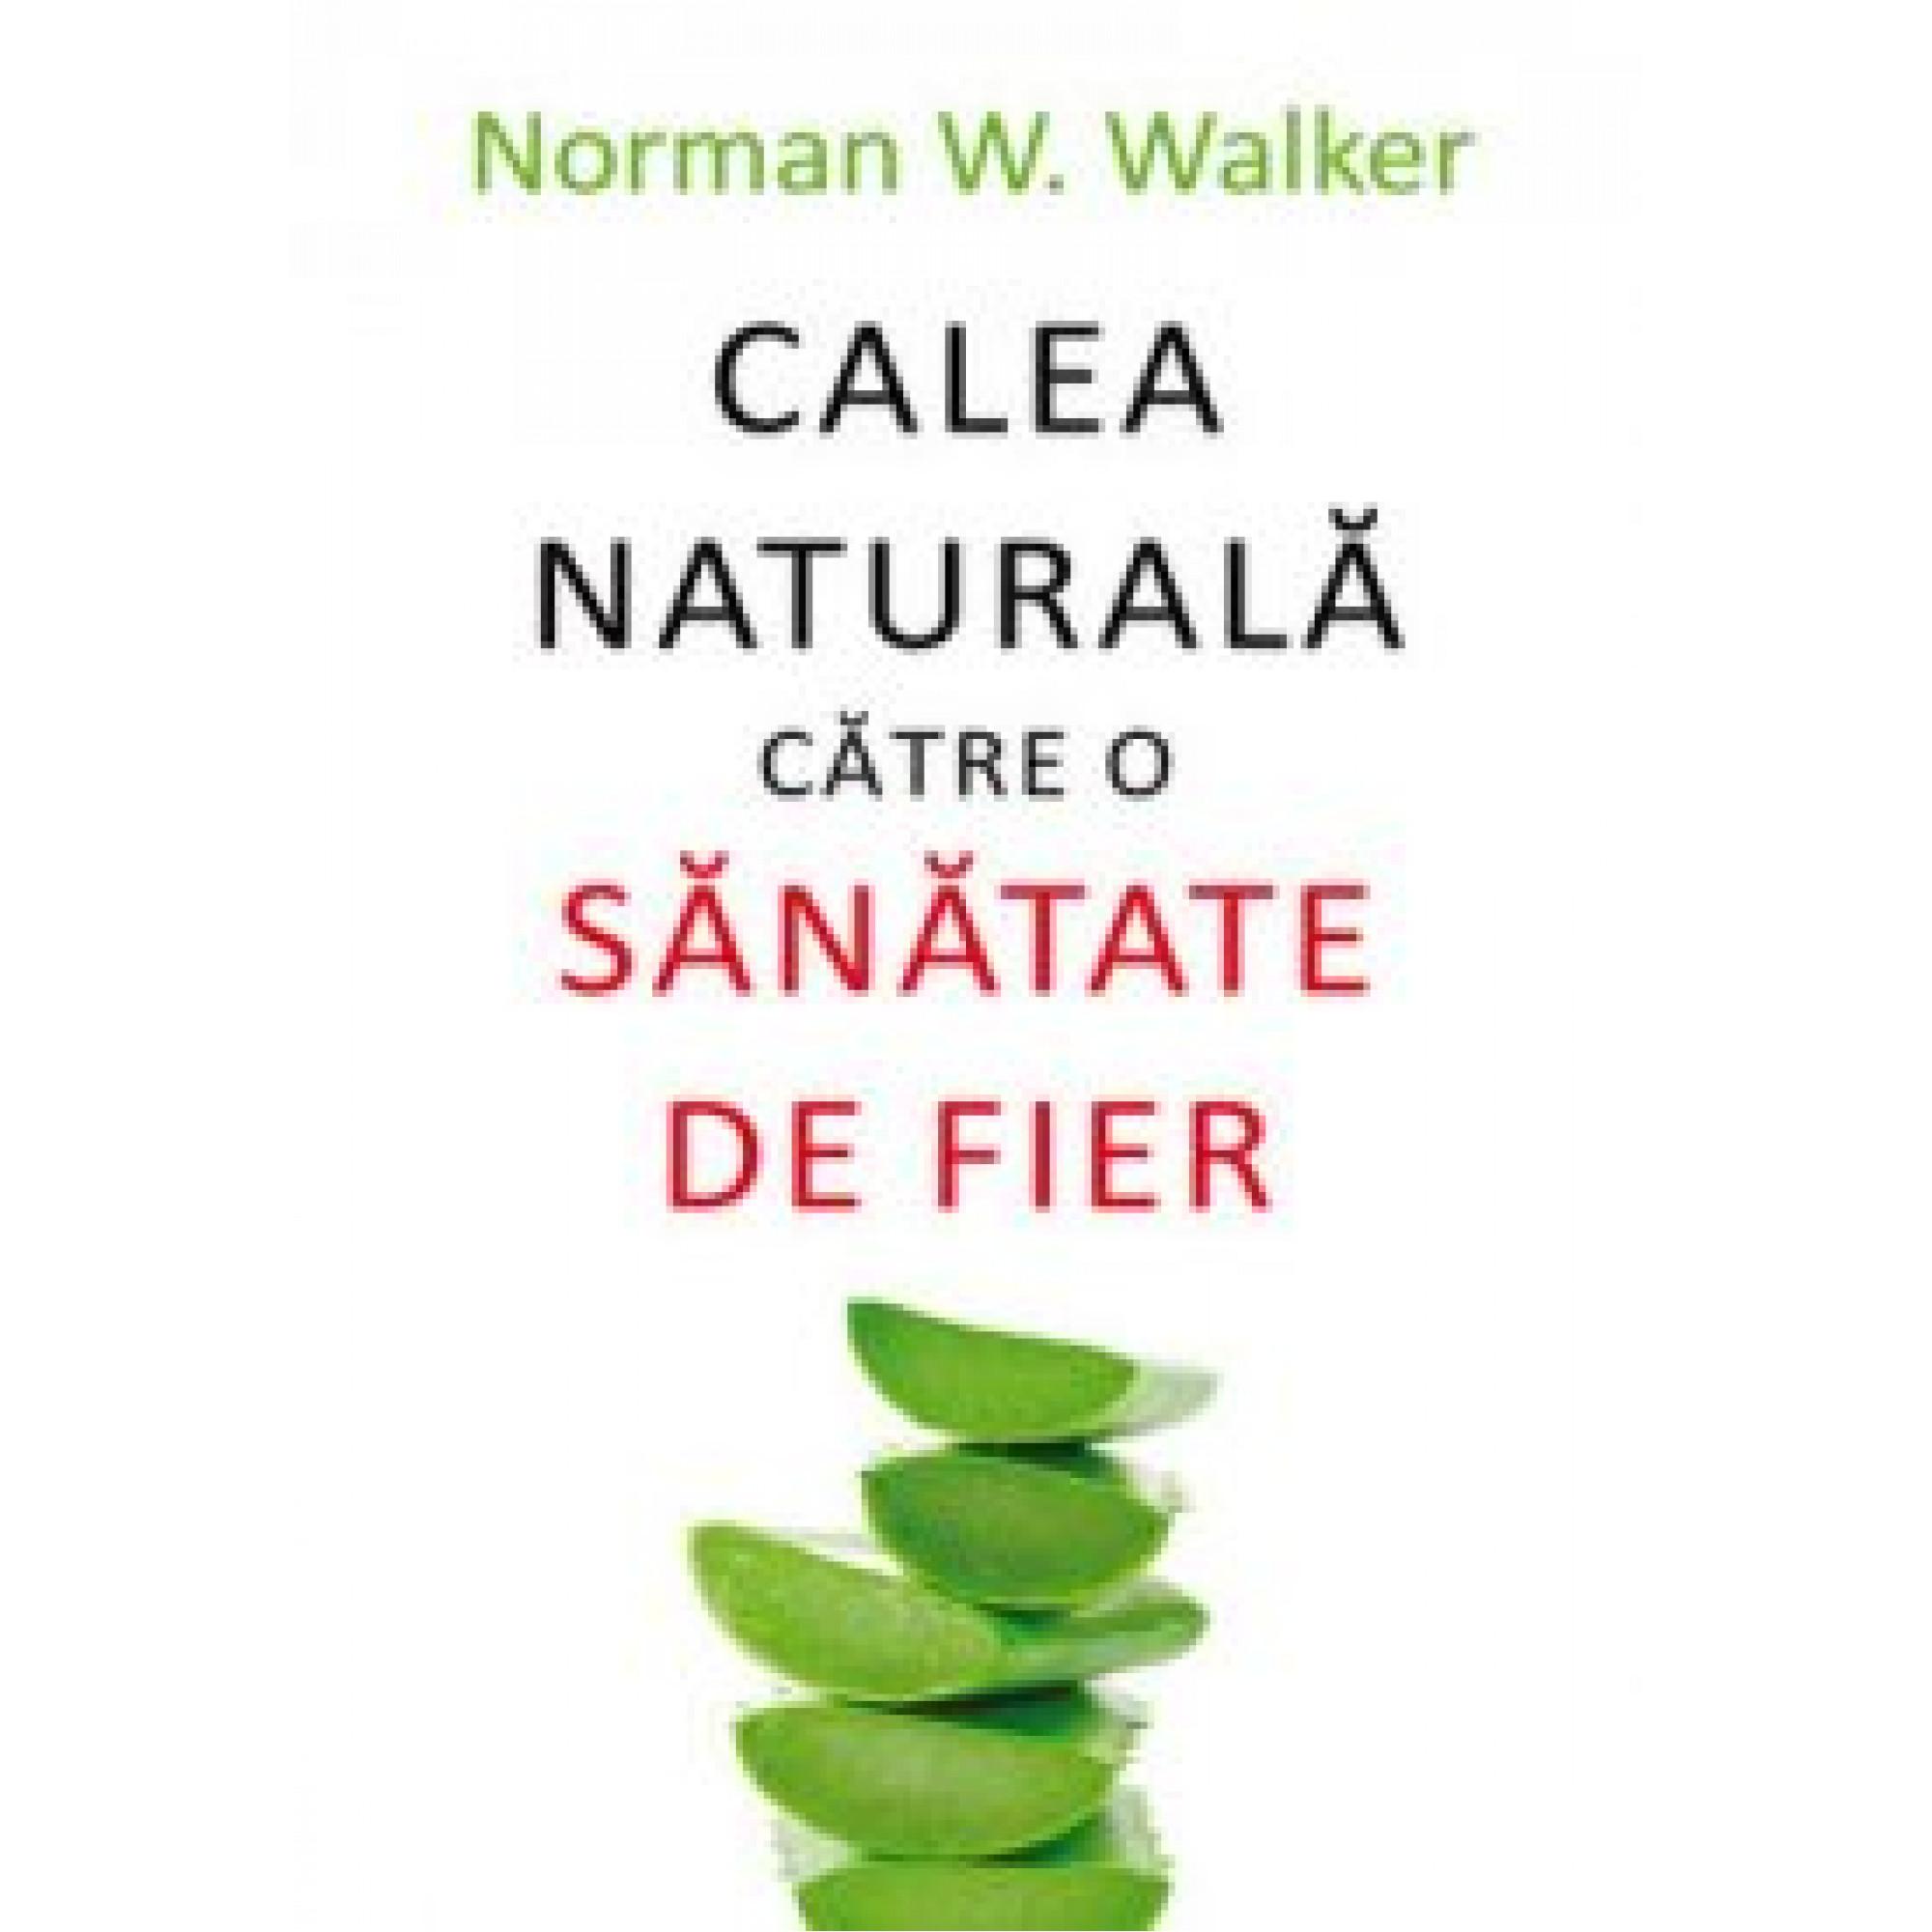 Calea naturală către o sănătate de fier; Norman W. Walker